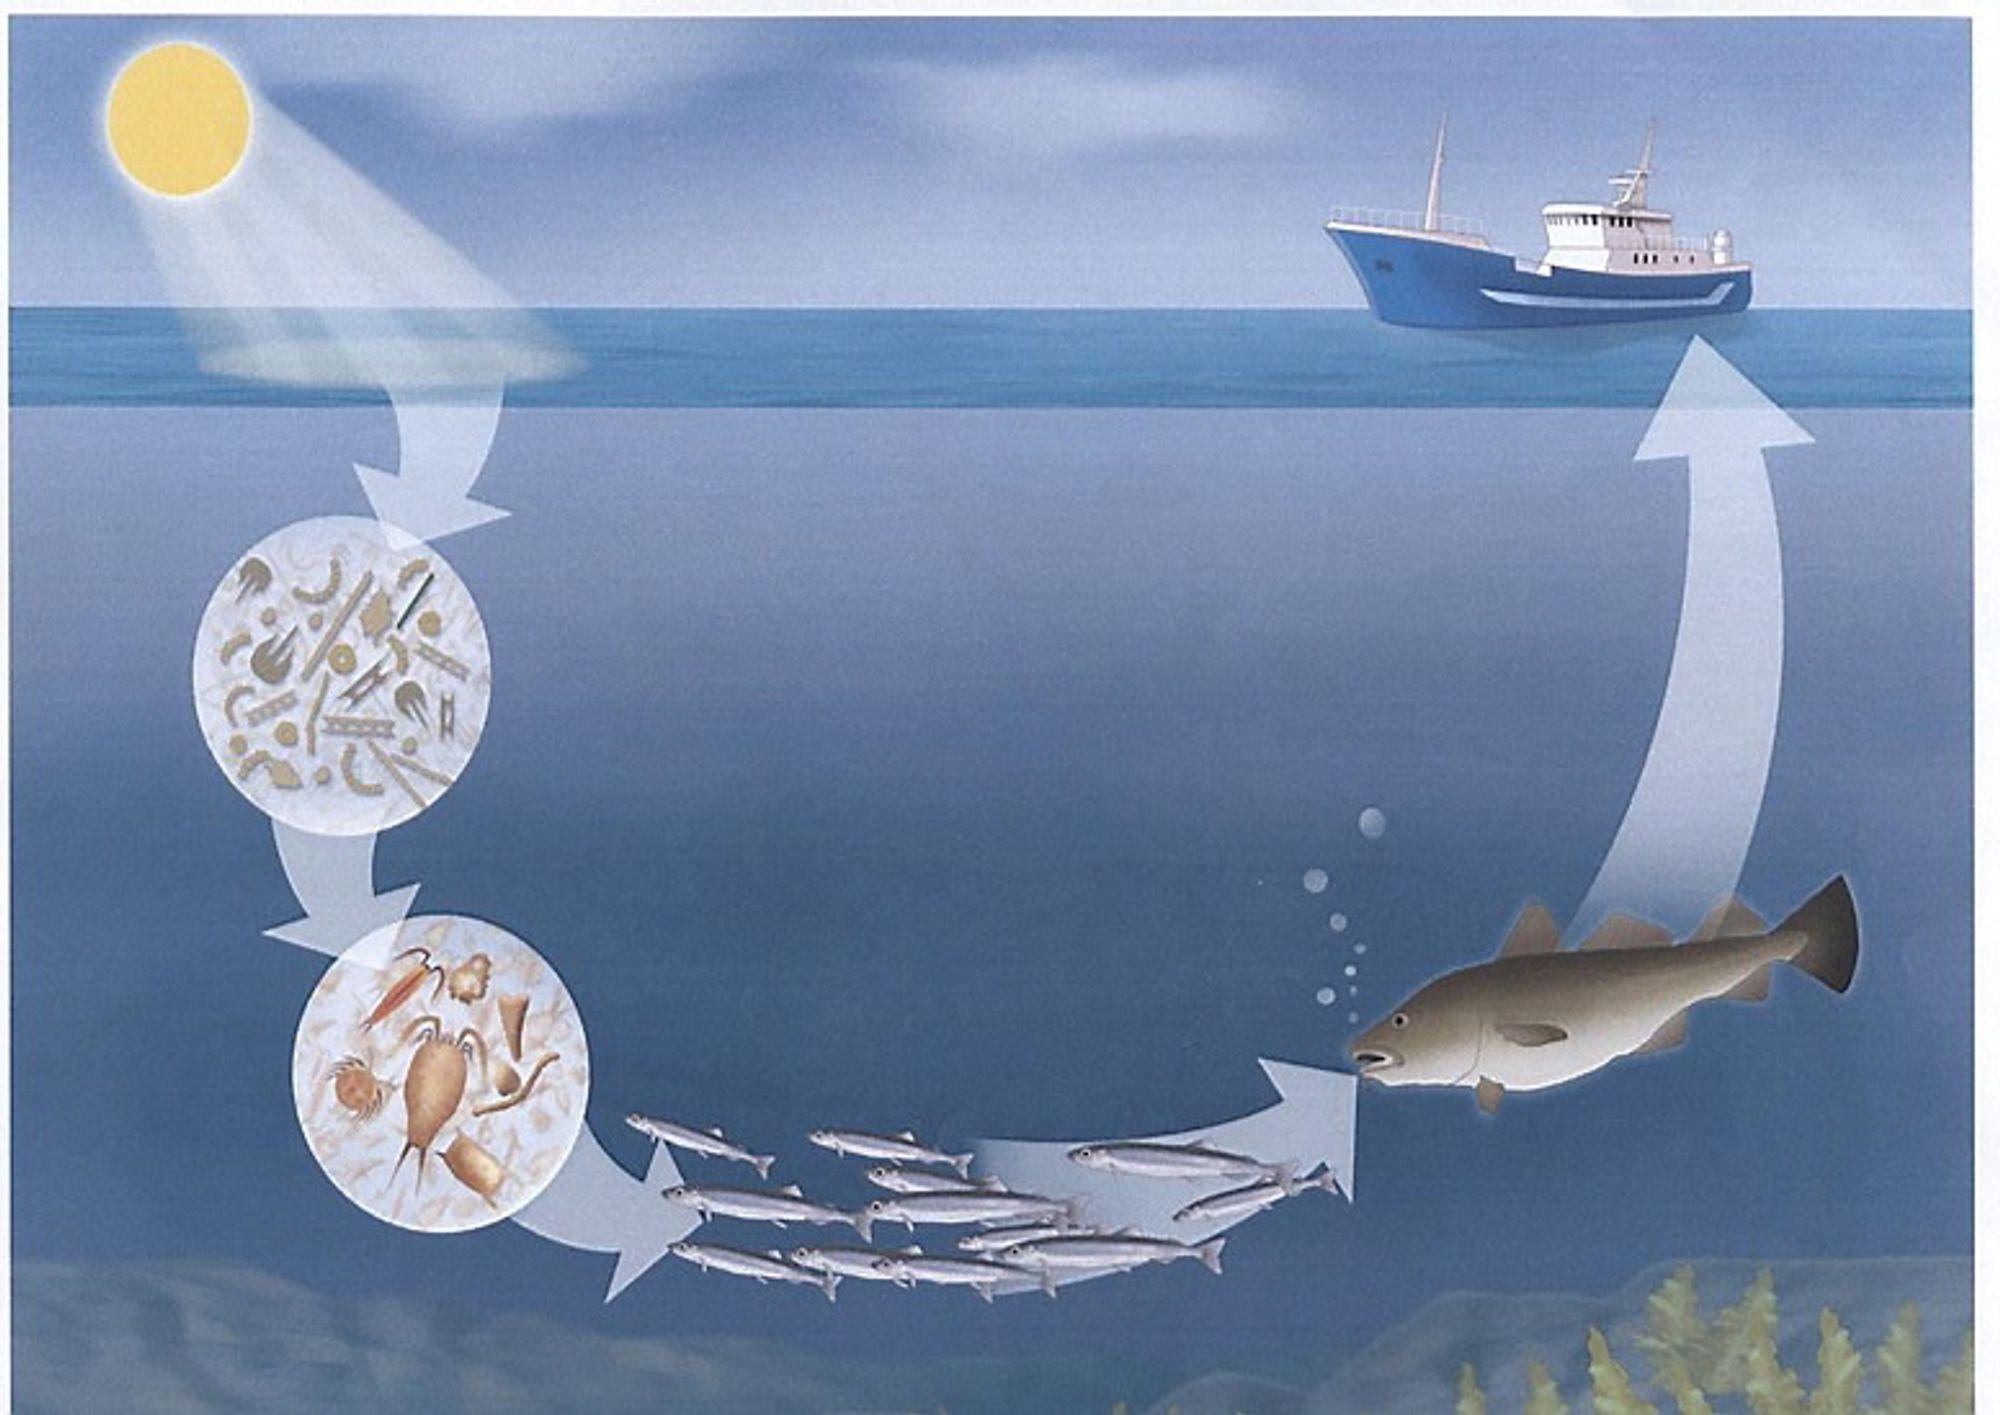 Ressurser: Det er enorme ressurser i havrommets kretsløp. I dag er det så å si bare fiskene til høyre i illustrasjonen som høstes. Det finnes enorme ressurser som i dag ikke høstes.